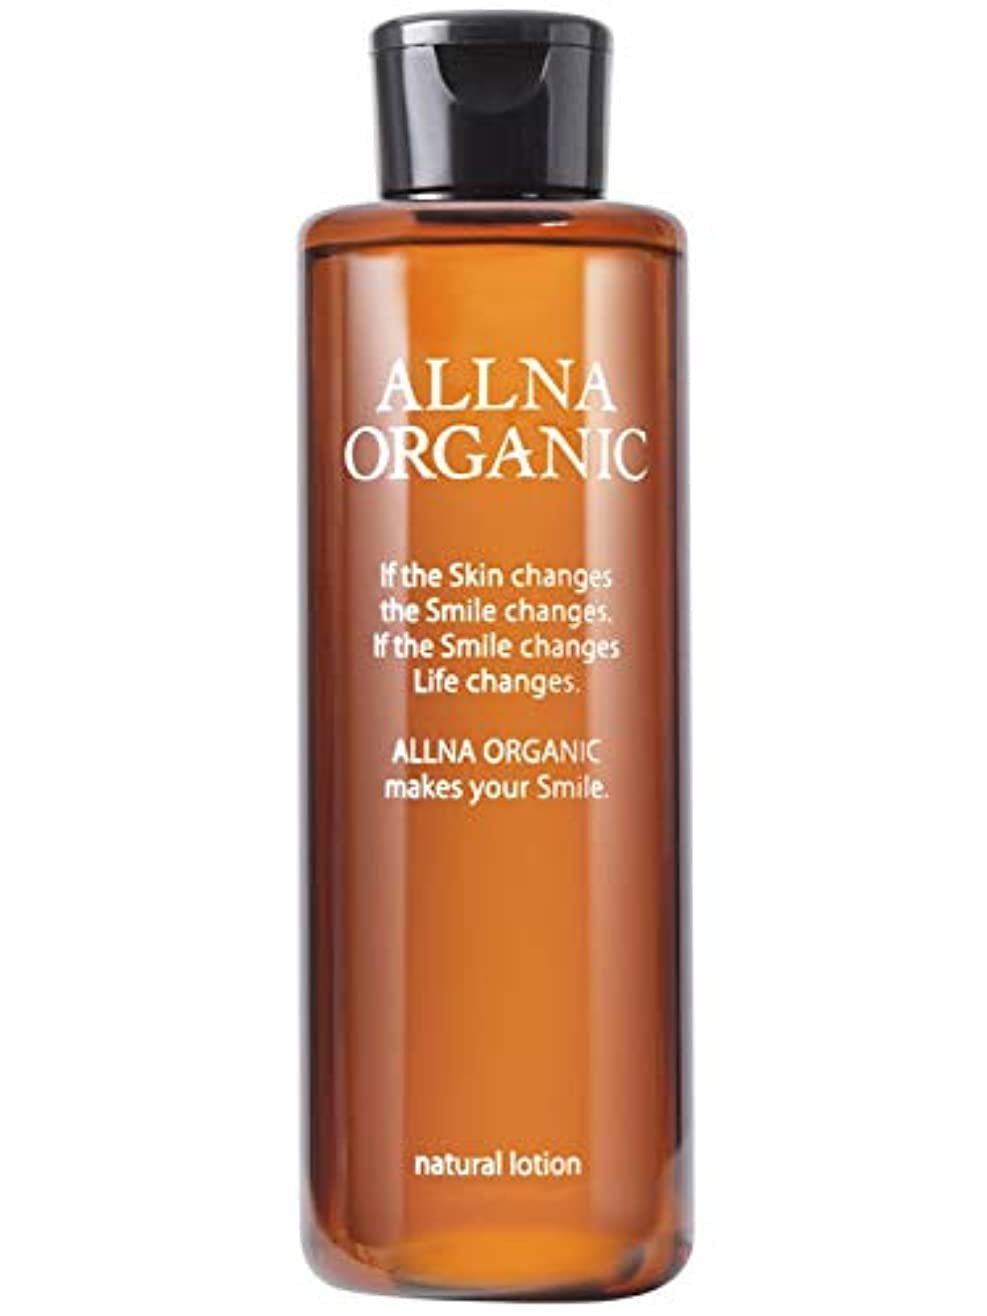 ミニパトロール維持オルナ オーガニック 化粧水 「 保湿 乾燥 かさつき 用」「 コラーゲン ビタミンC誘導体 ヒアルロン酸 セラミド 配合」200ml